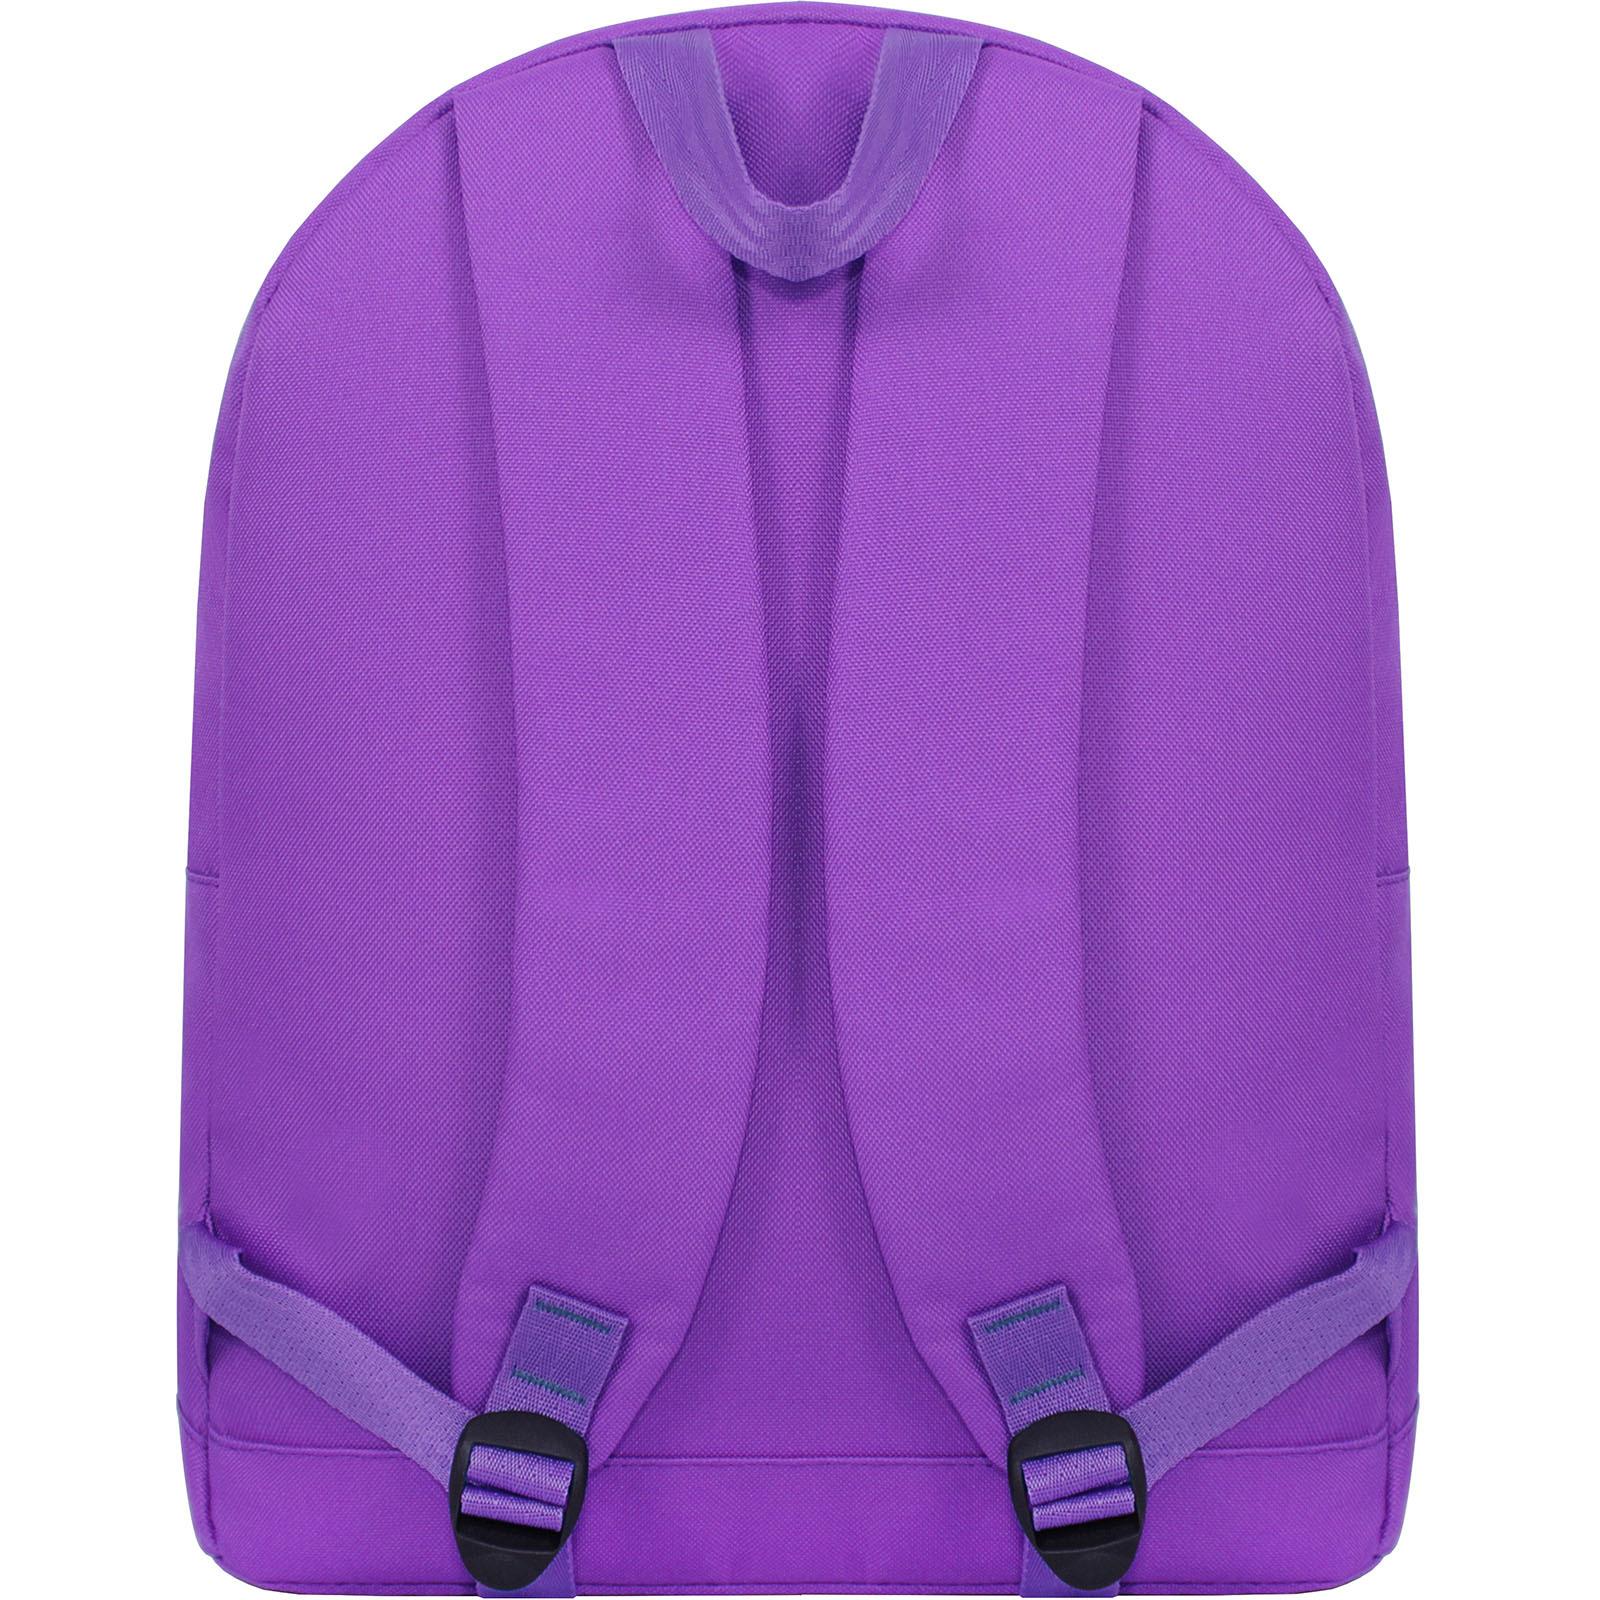 Рюкзак Bagland Молодежный W/R 17 л. Фиолетовый 170 (00533662 Ш) фото 4